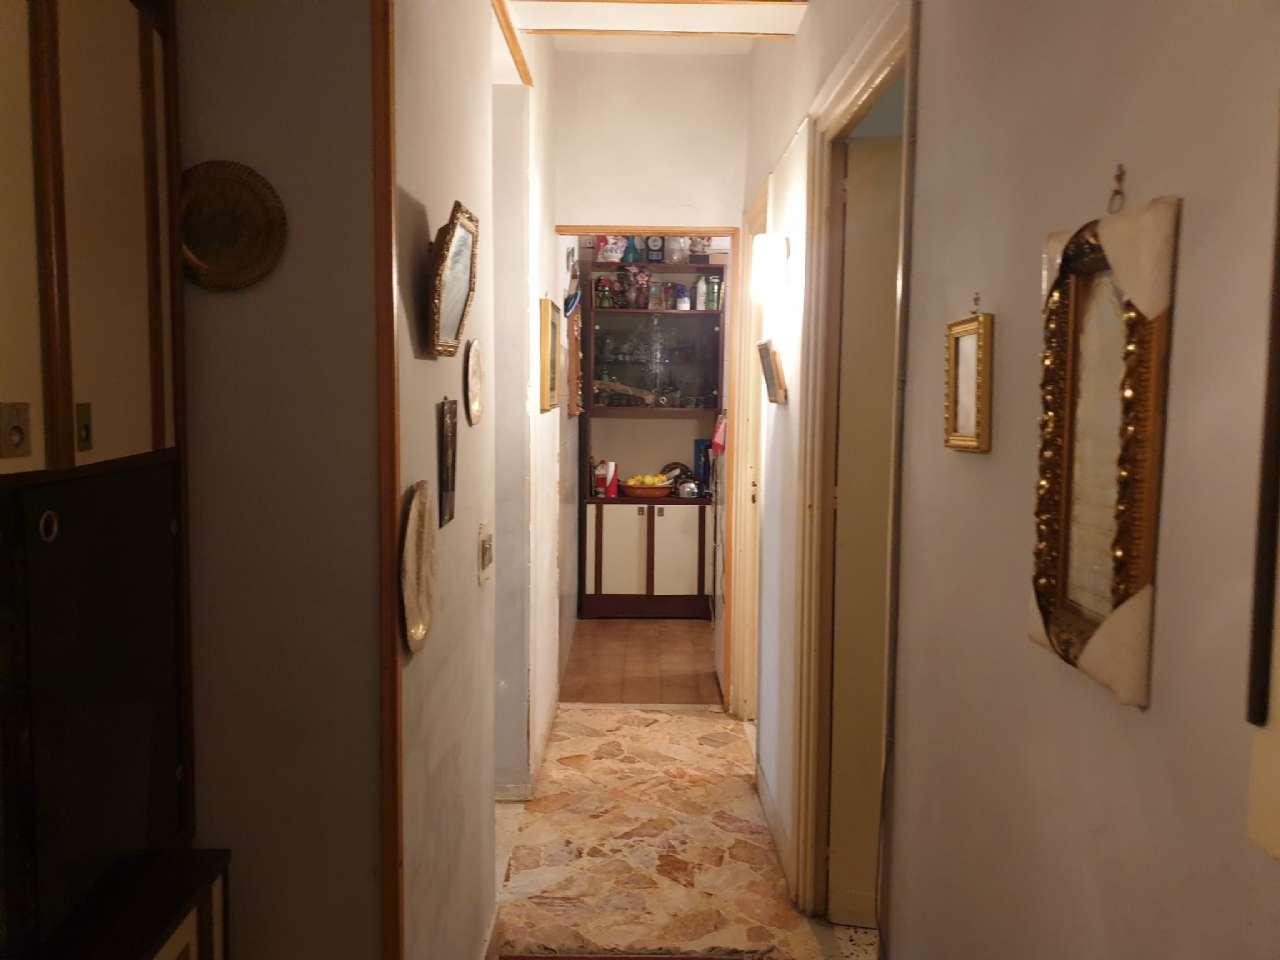 Trilocale, Via Lo Monaco Ciaccio Antonino, Zona Uditore, Palermo, foto 5